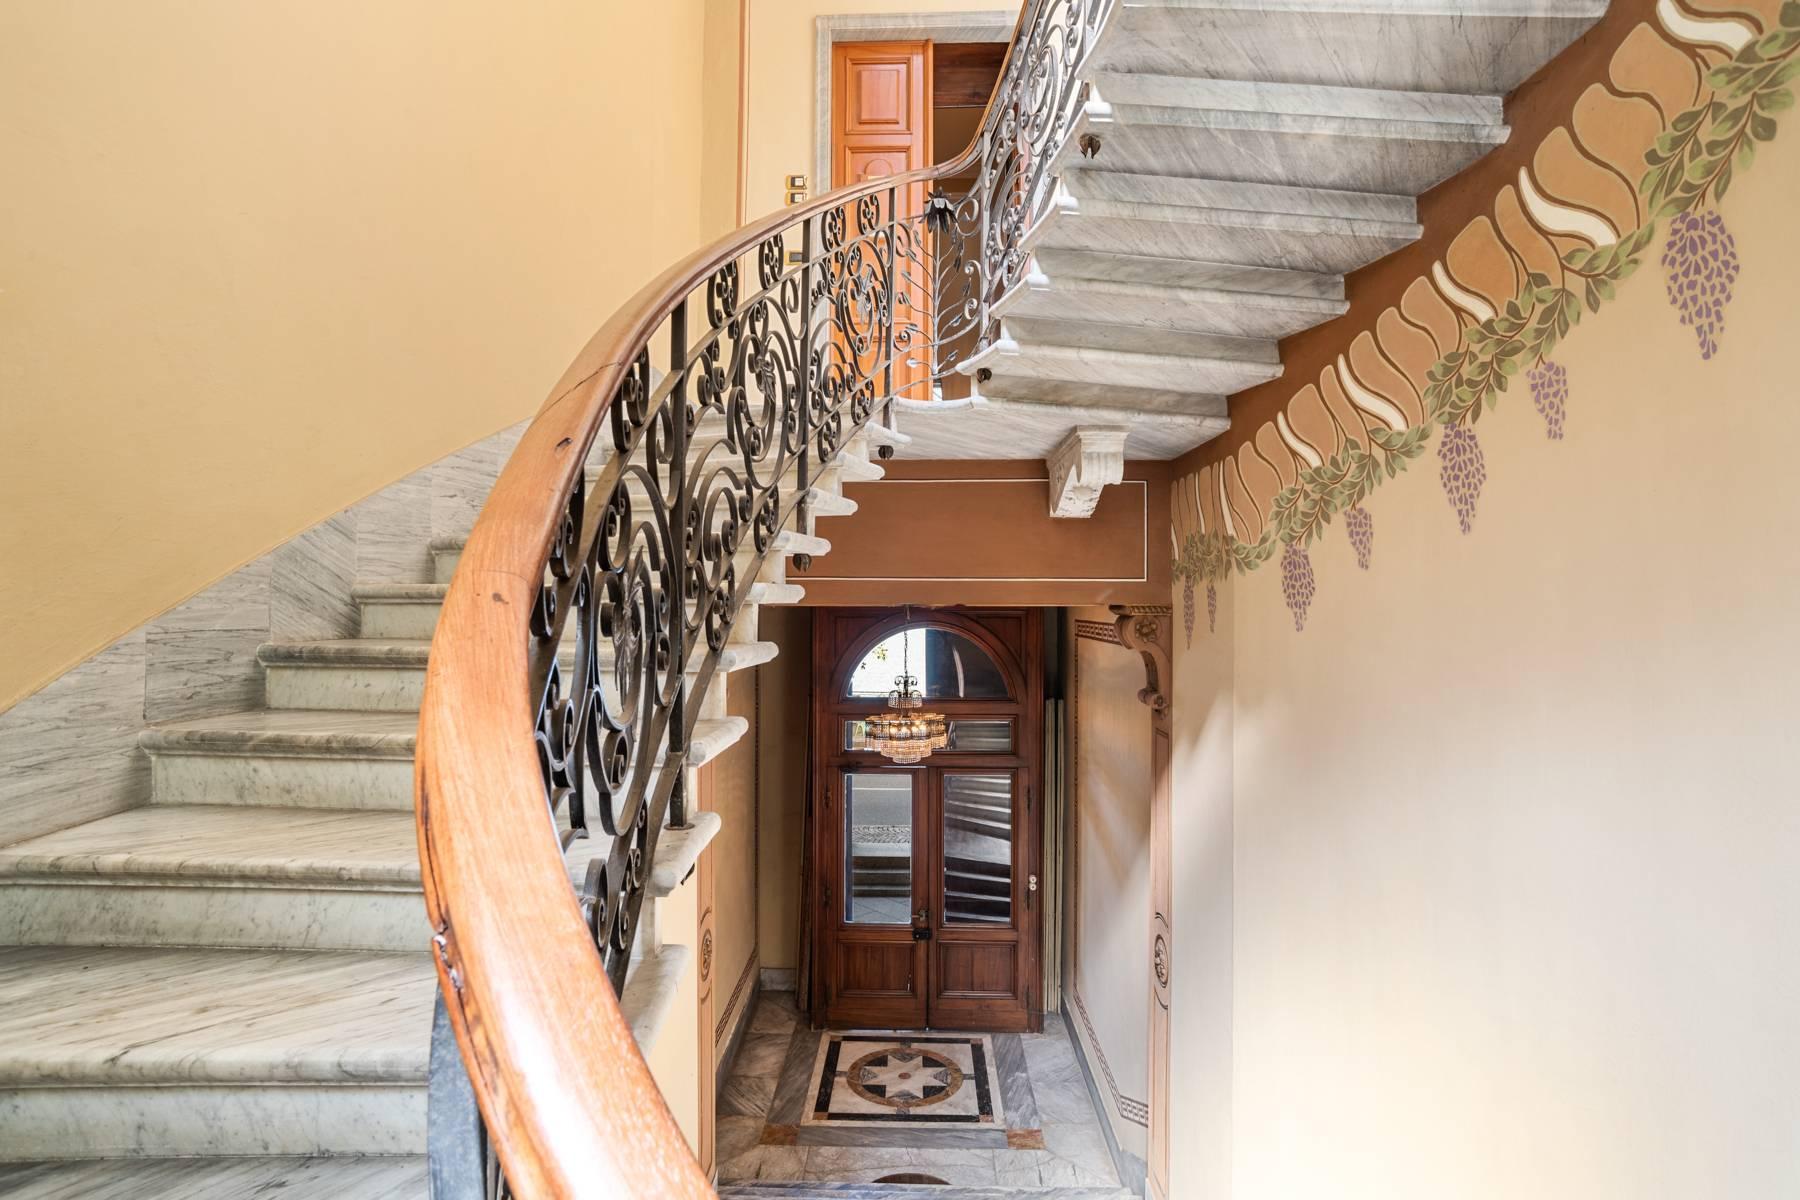 Renommierte Wohnung in einem antiken Gebäude - 5